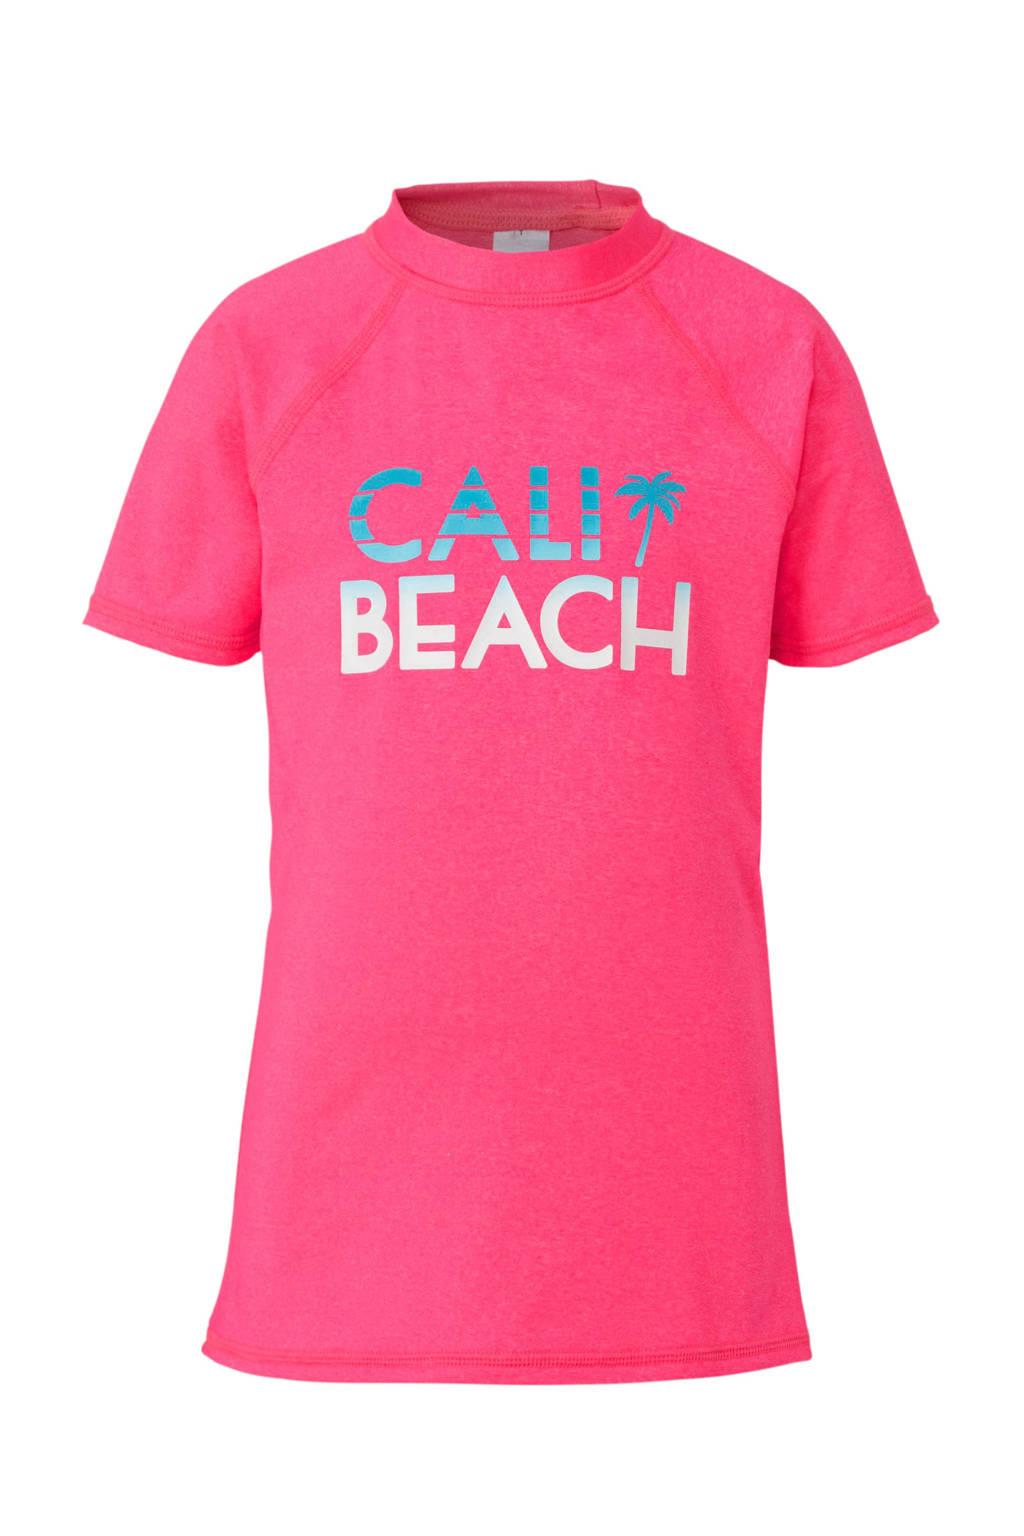 C&A Rodeo UV T-shirt met printopdruk neon roze, Neon roze